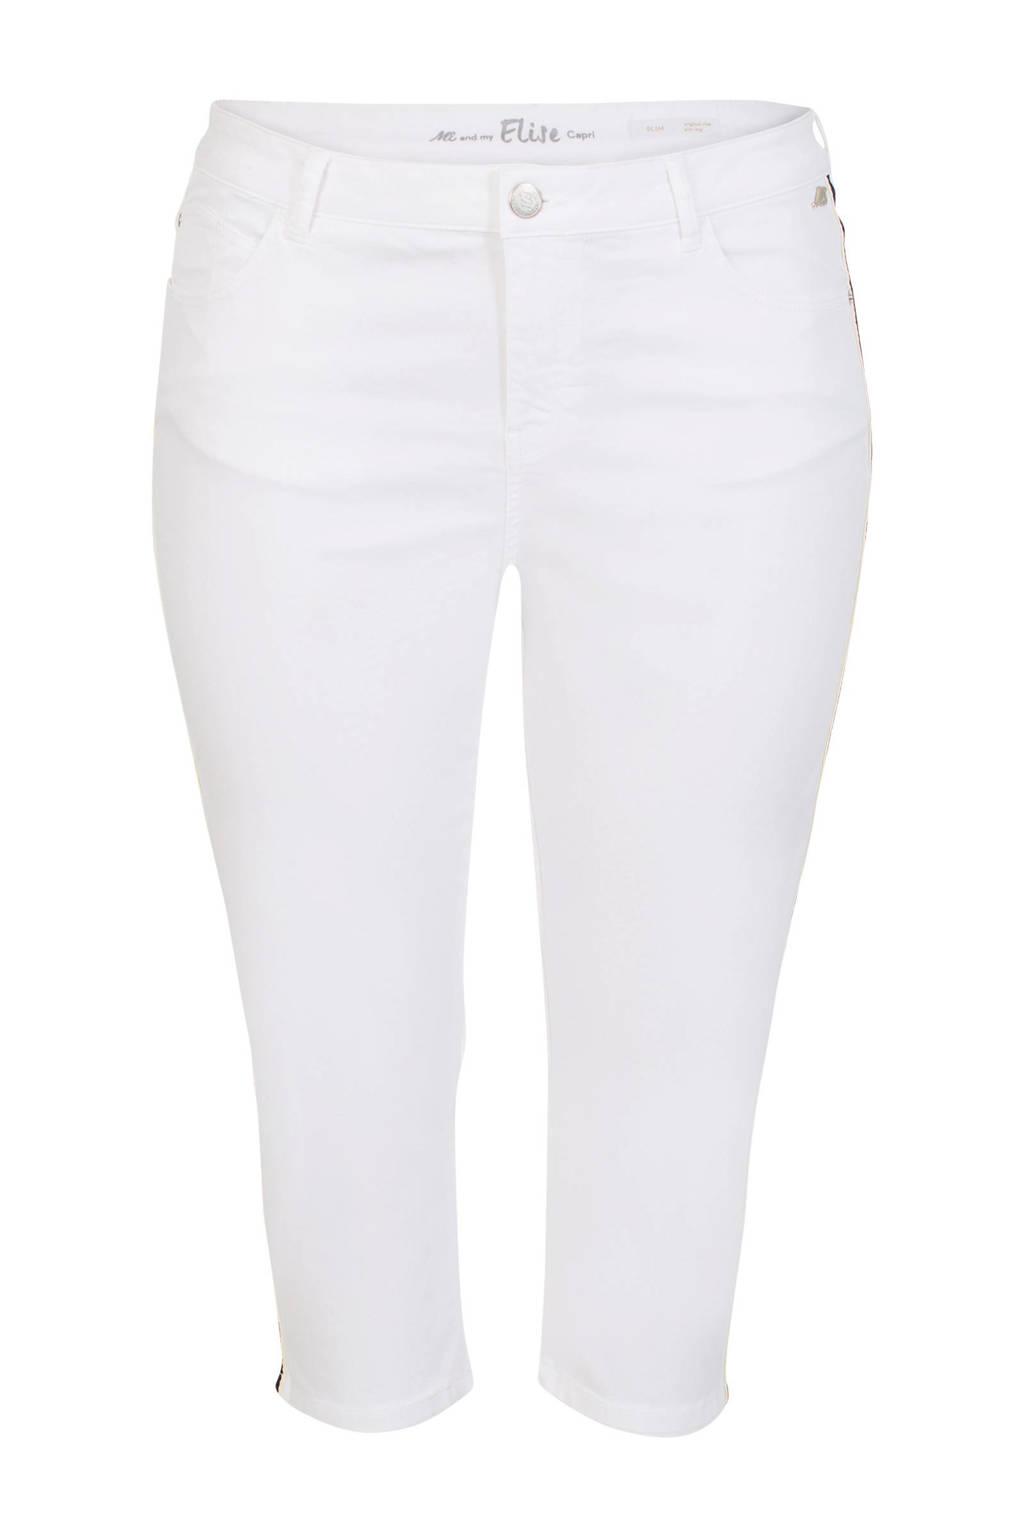 Miss Etam Plus slim fit capri jeans met zijstreep, Wit